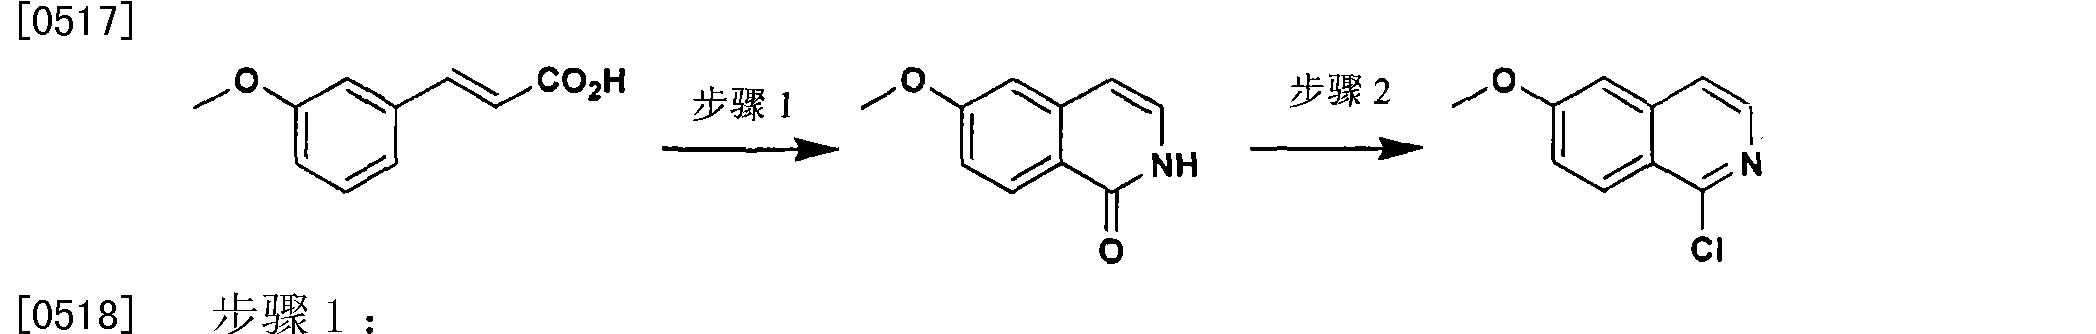 Figure CN101541784BD00612